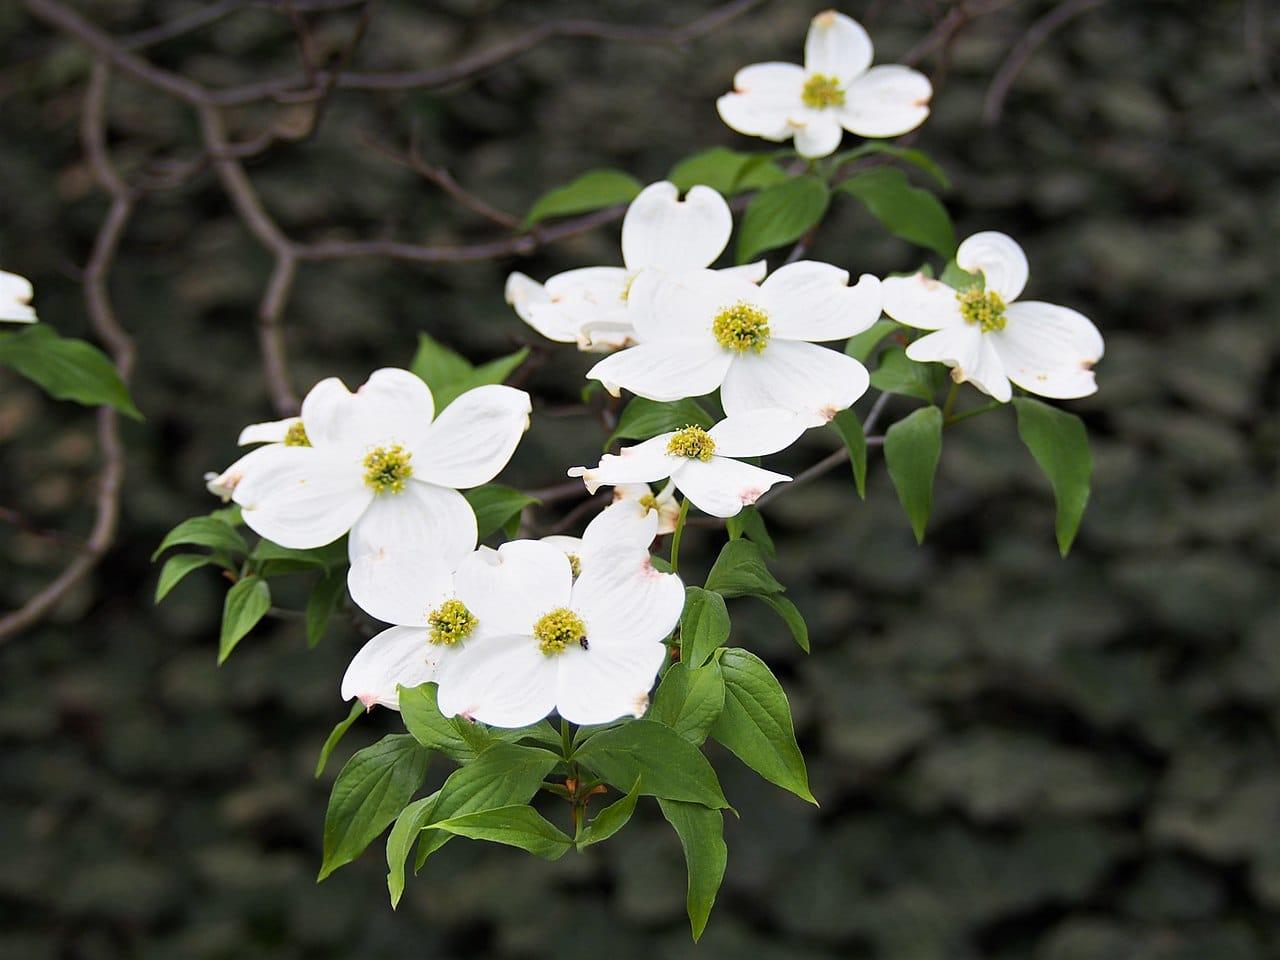 El cornejo florido es un árbol caducifolio